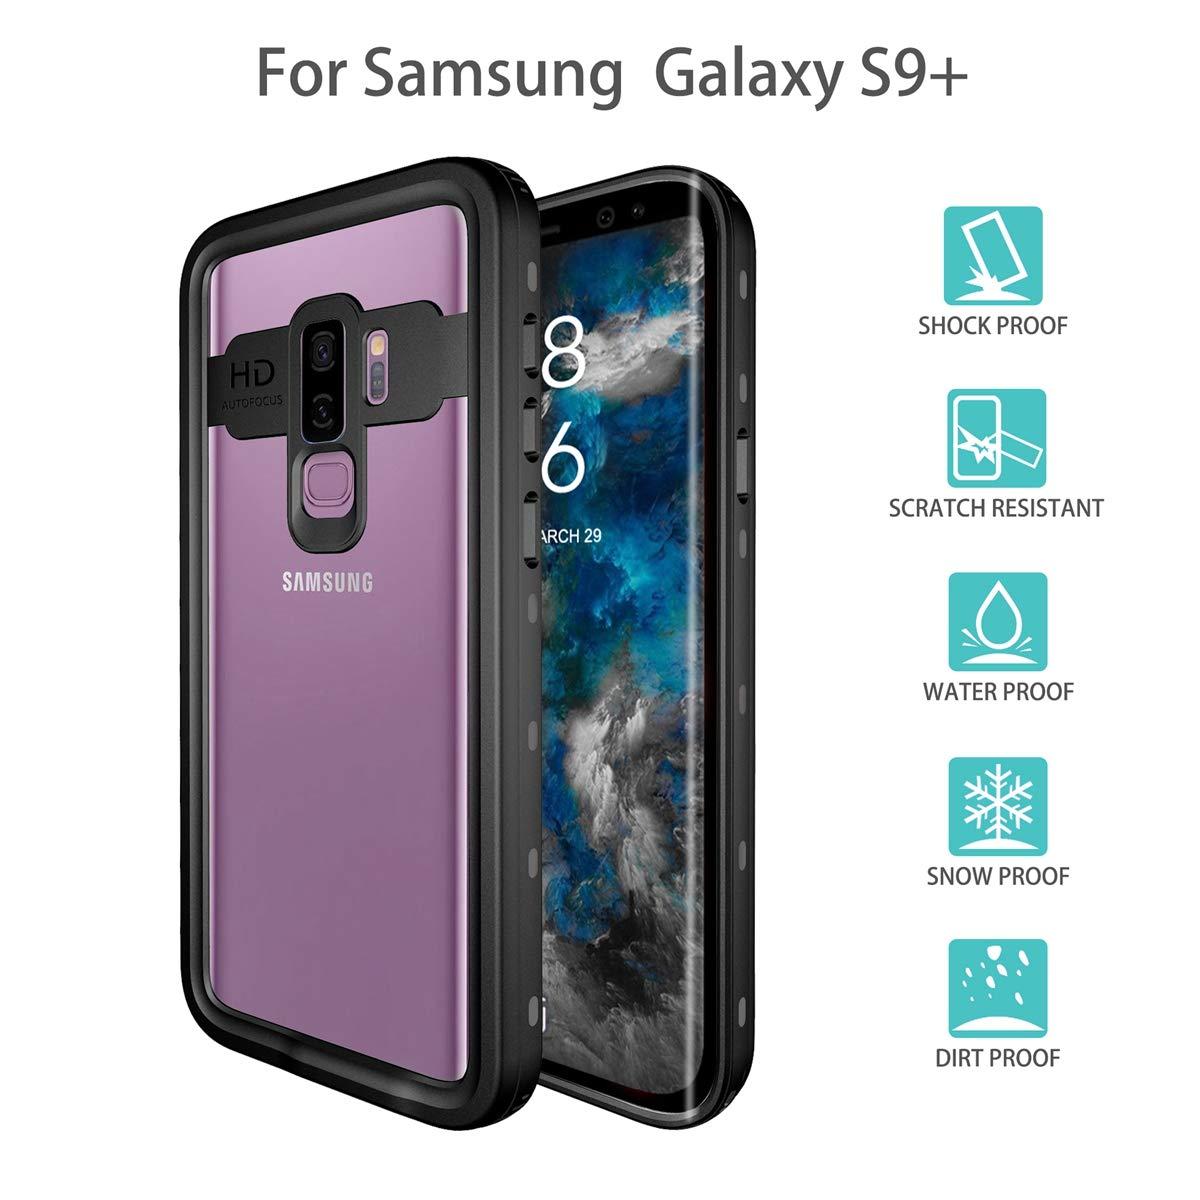 Galaxy S9 Plus Custodia Impermeabile, IP68 Antiurto Waterproof Custodia Schermo Incorporato, Prova Caduta Robusta, Protezione Prova Polvere Case per attività Protezione Prova Polvere Case per attività adorehouse 2550-4T-500